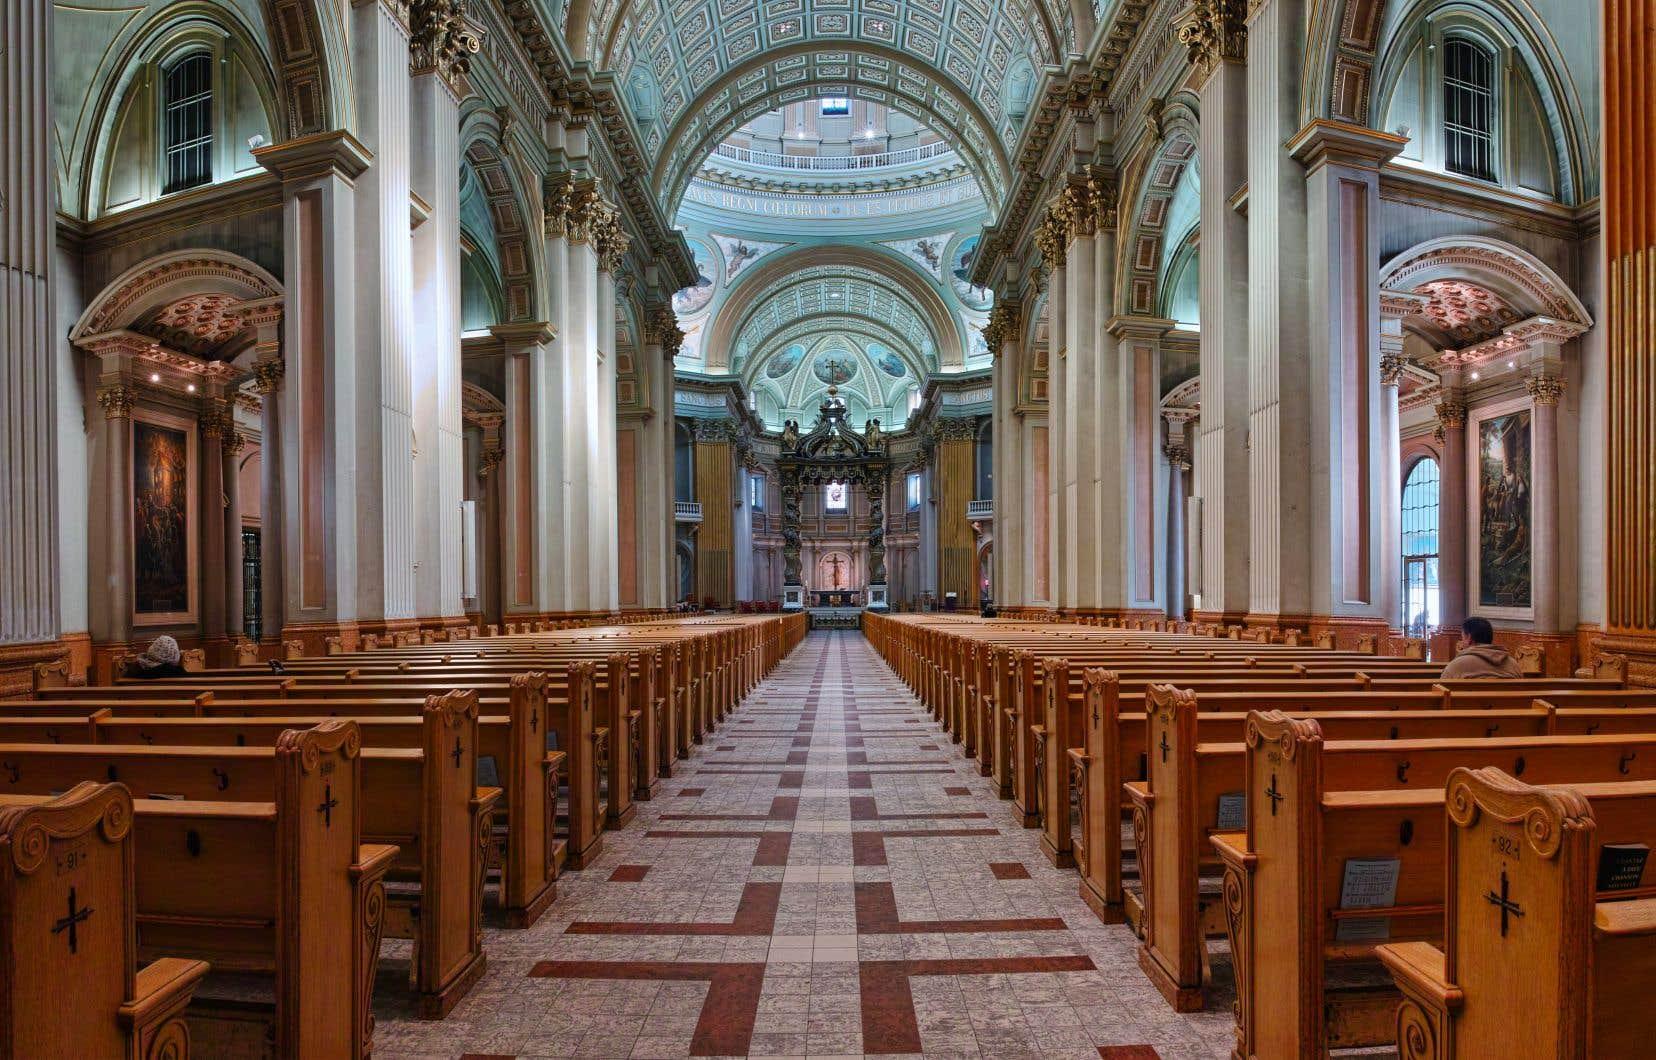 «Est-ce logique de limiter à 25 personnes l'entrée pour une messe dominicale à la cathédrale Marie-Reine-du-Monde, alors que celle-ci peut très bien accommoder plus de 1800 personnes en temps normal?», se demande l'auteur.